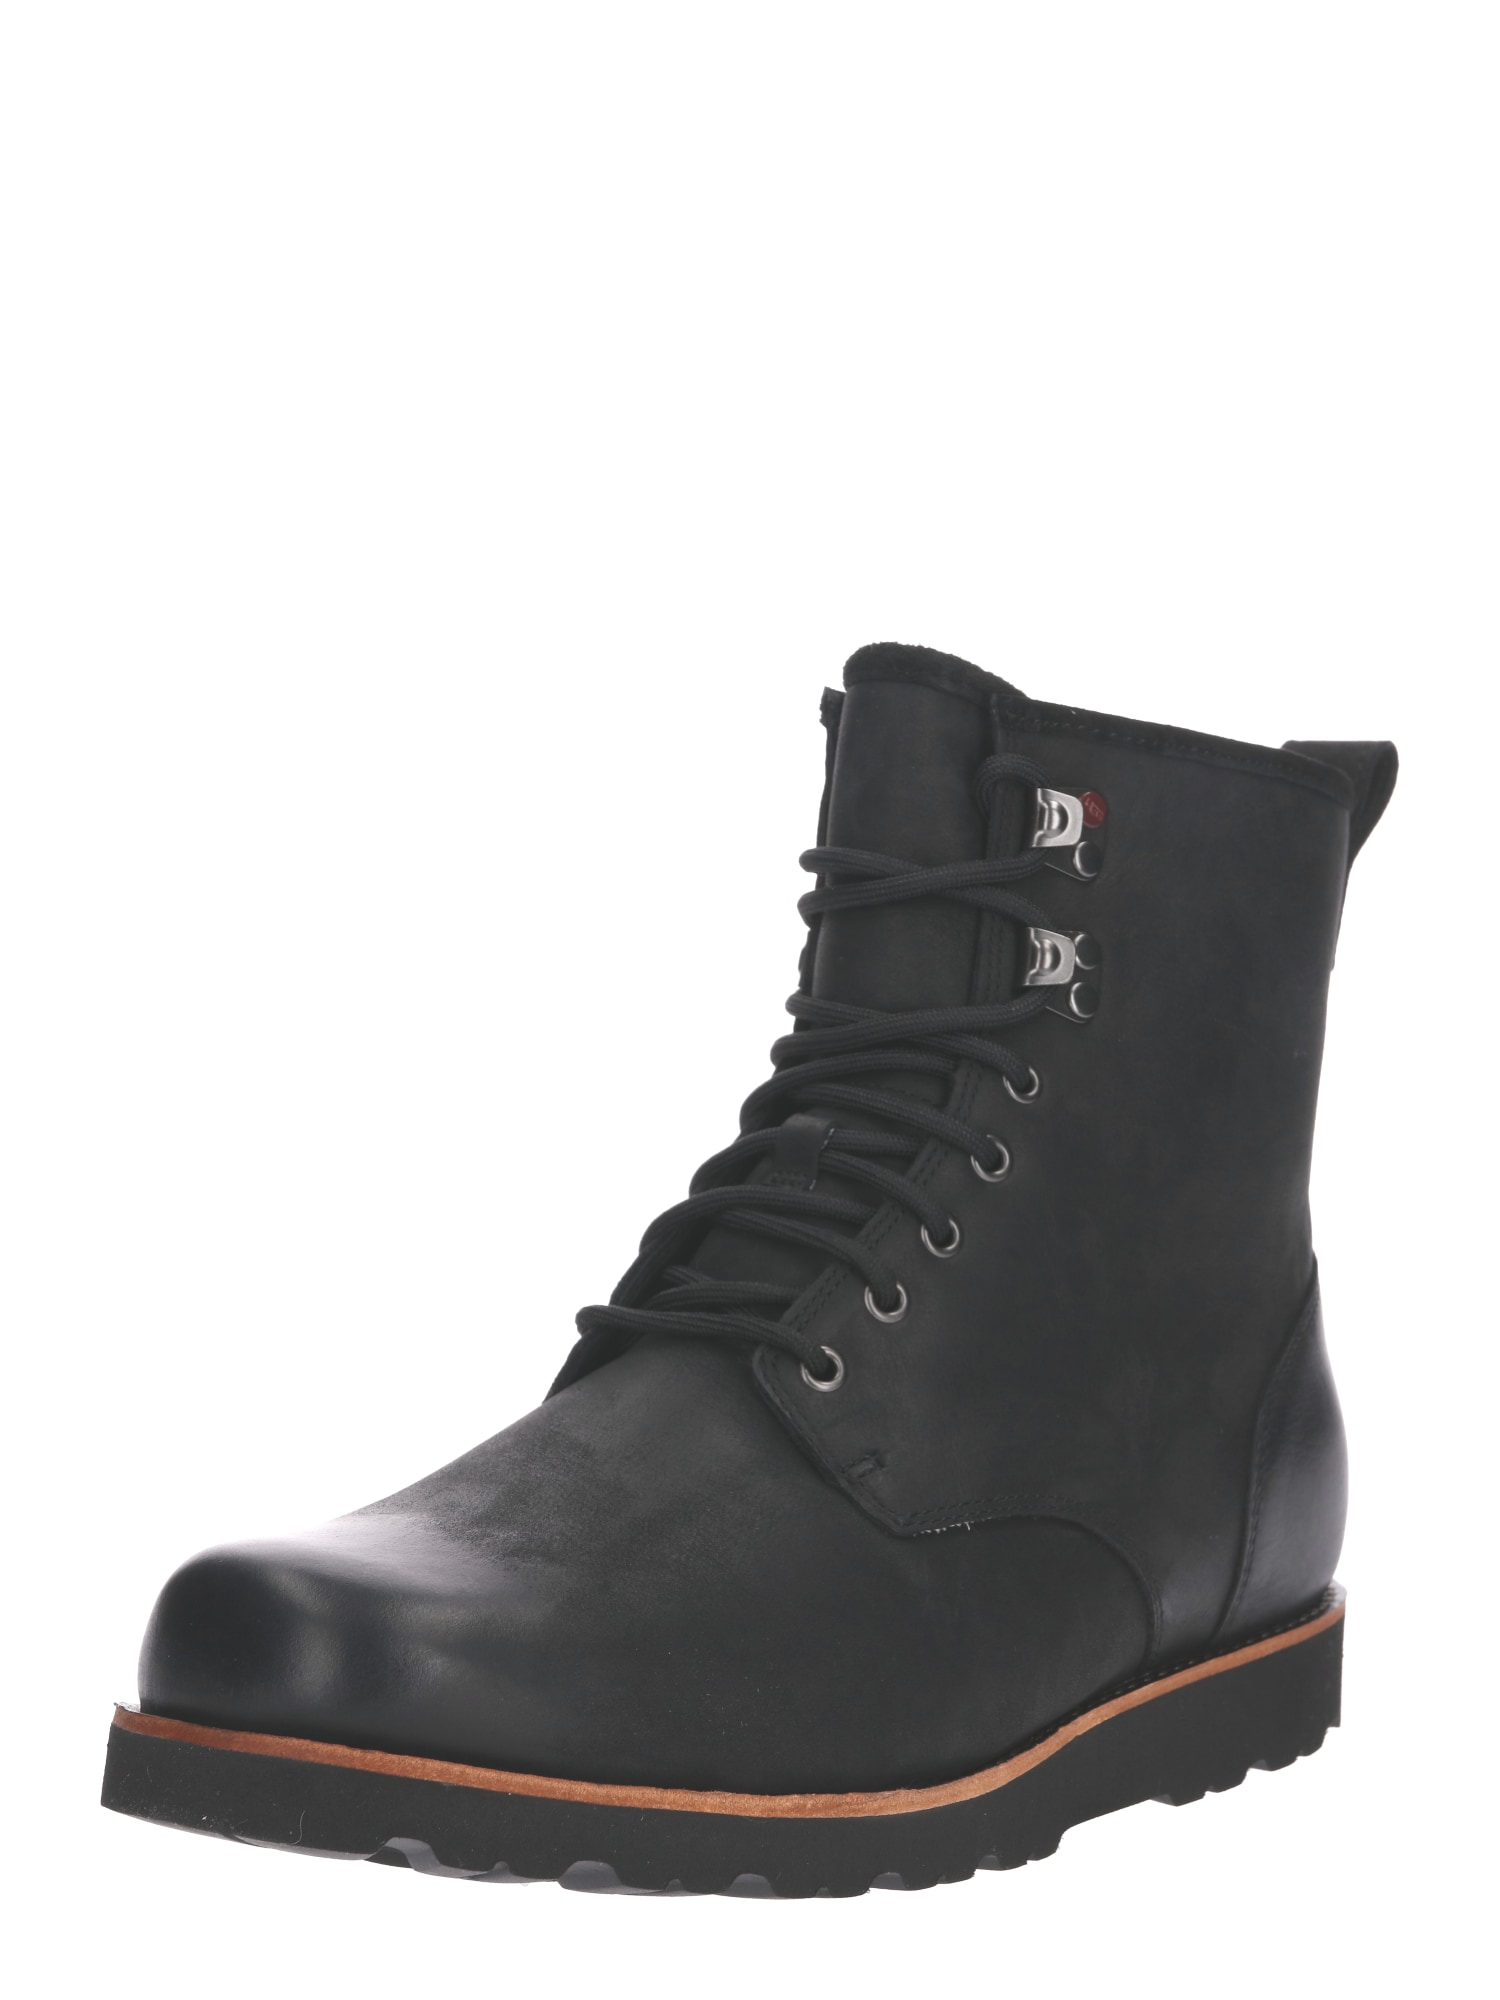 Šněrovací boty Hannen TL černá UGG